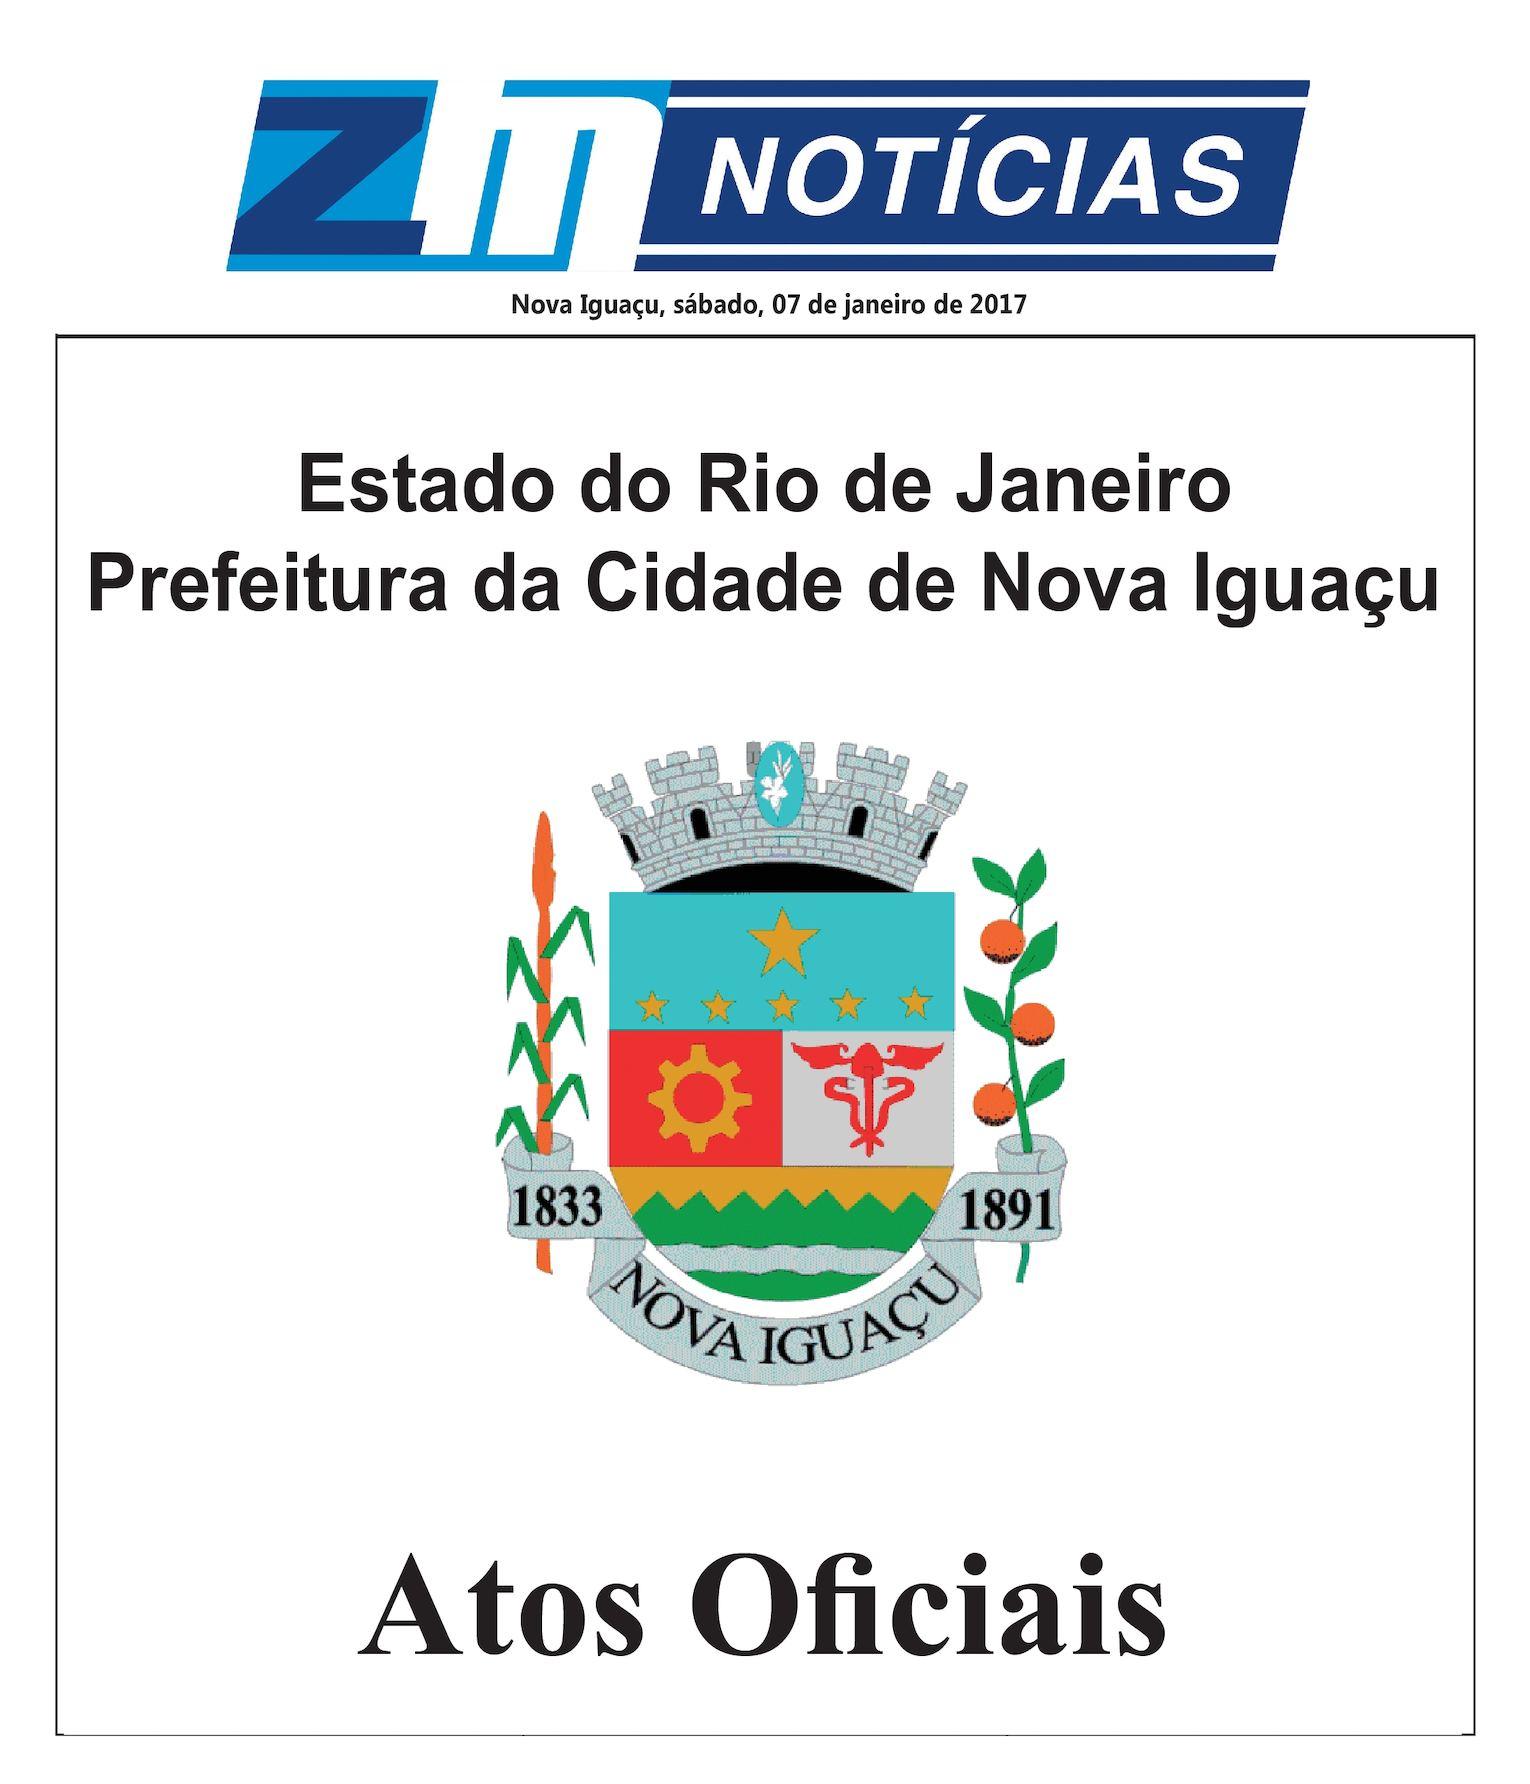 P C N I Atos Oficiais 070117